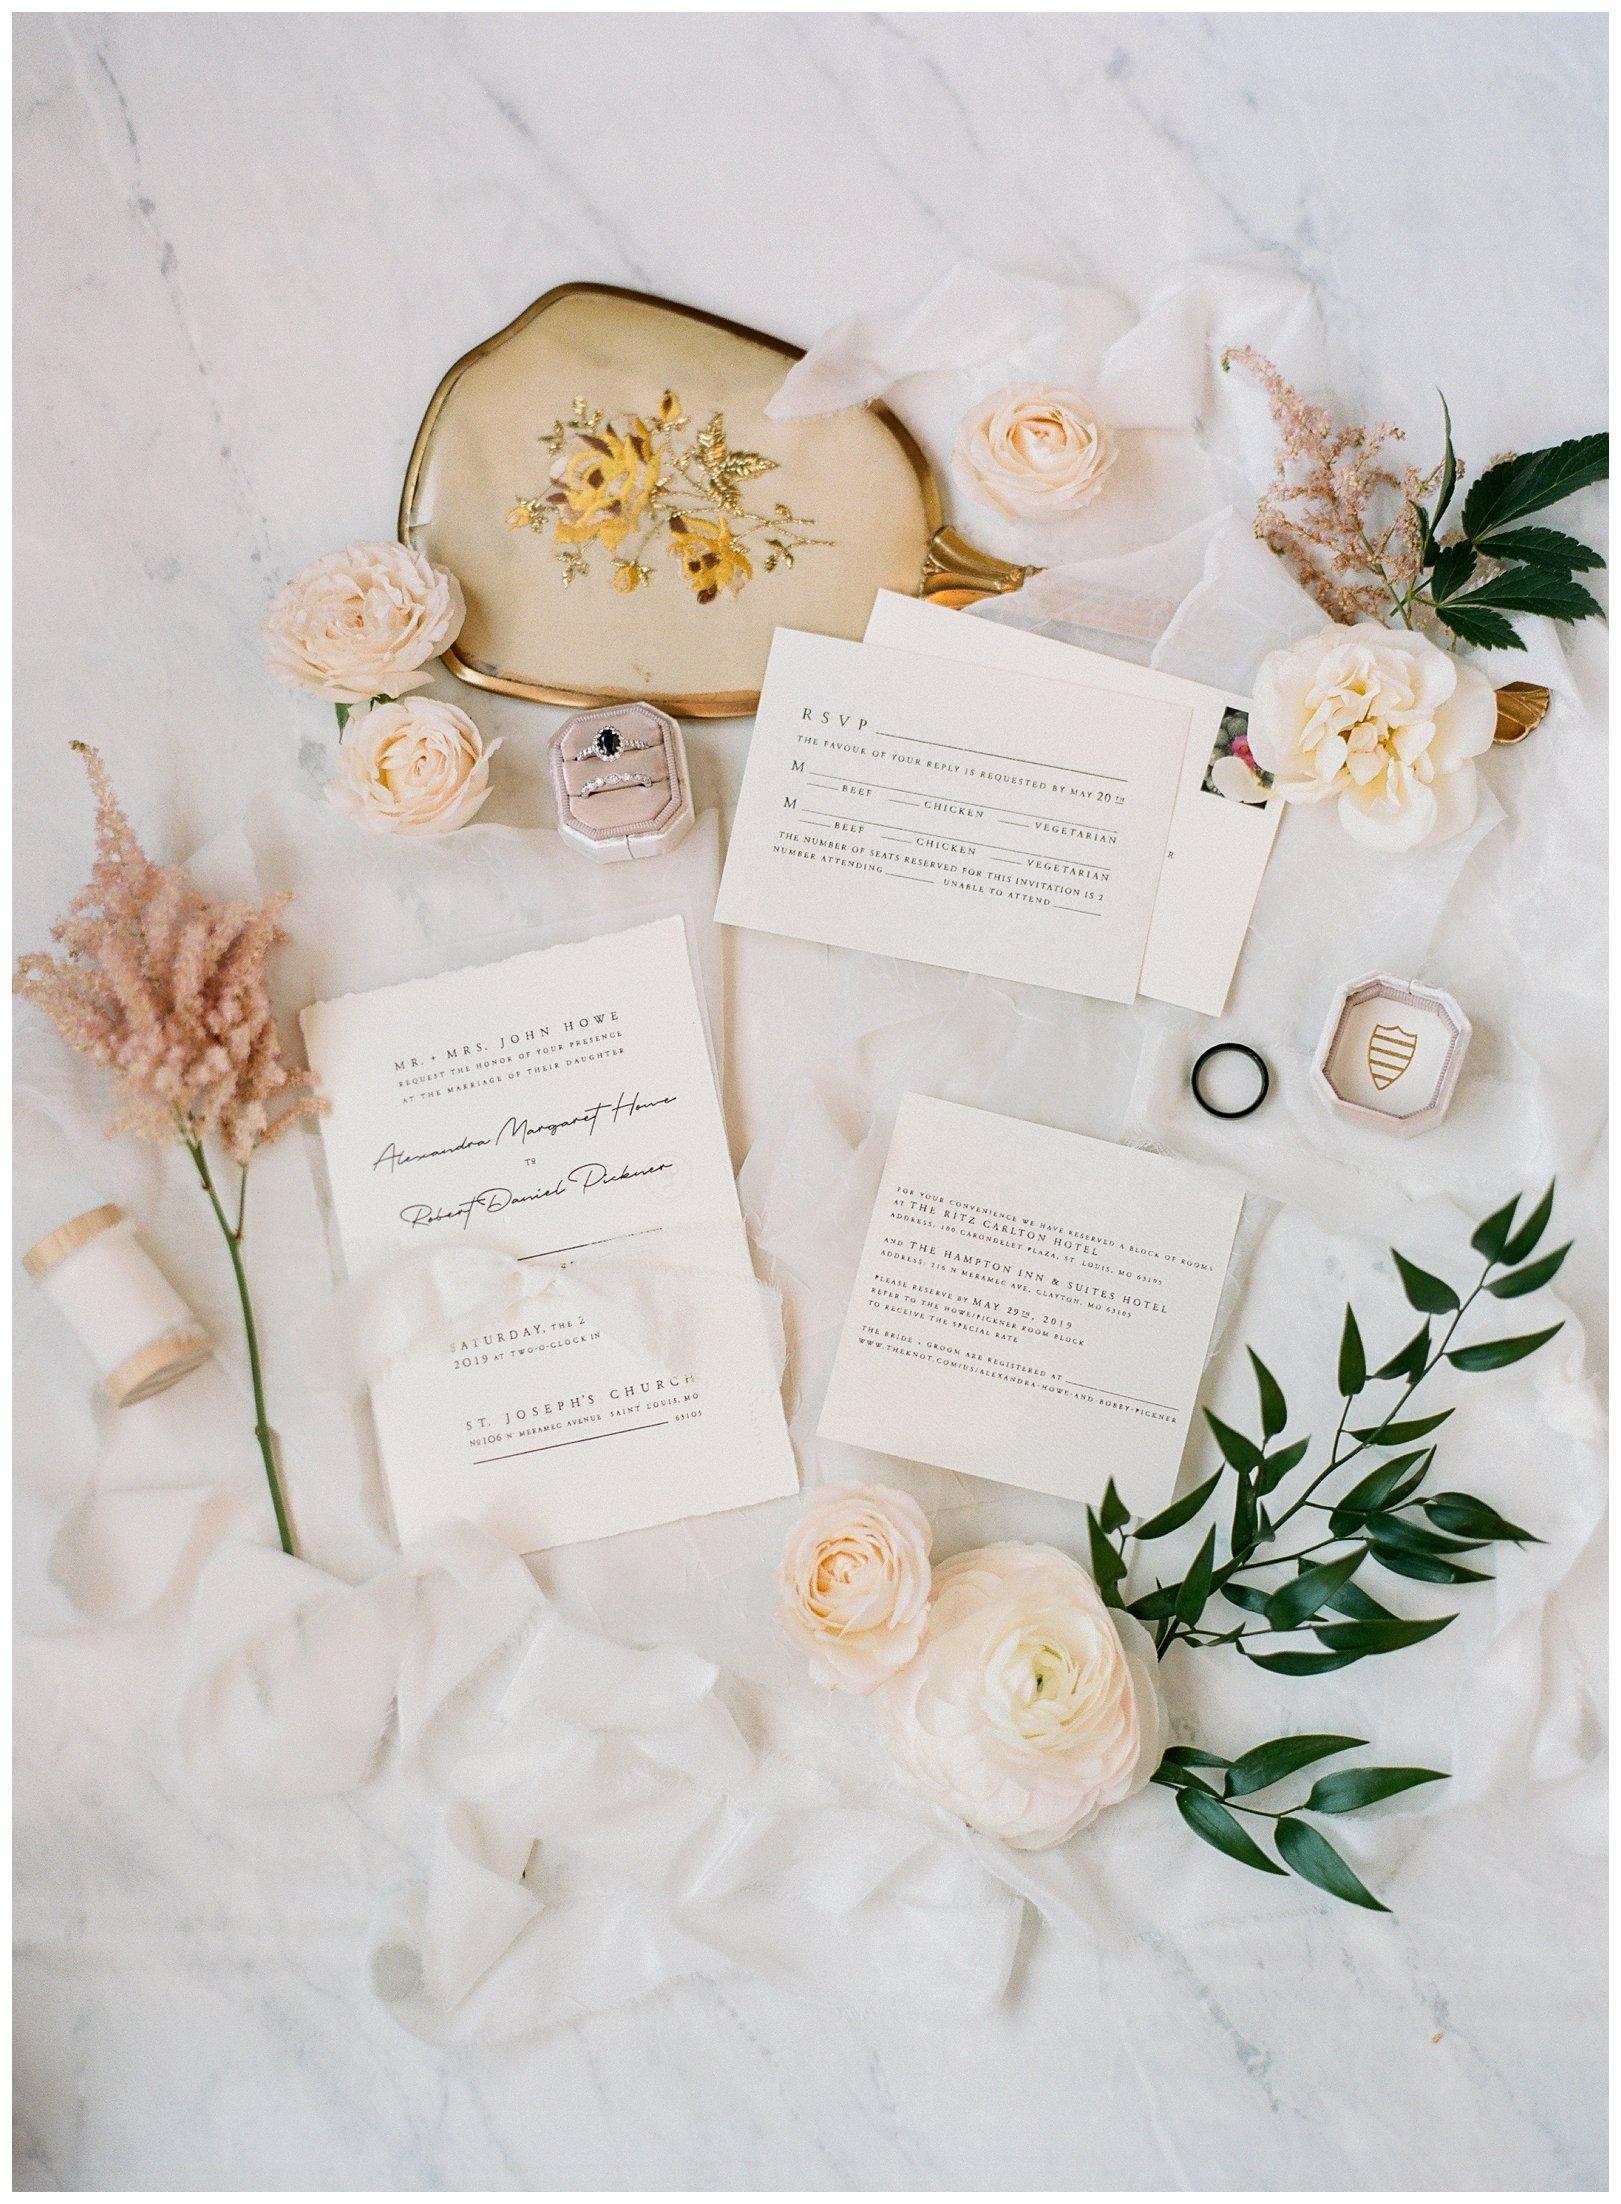 lauren muckler photography_fine art film wedding photography_st louis_photography_3521.jpg